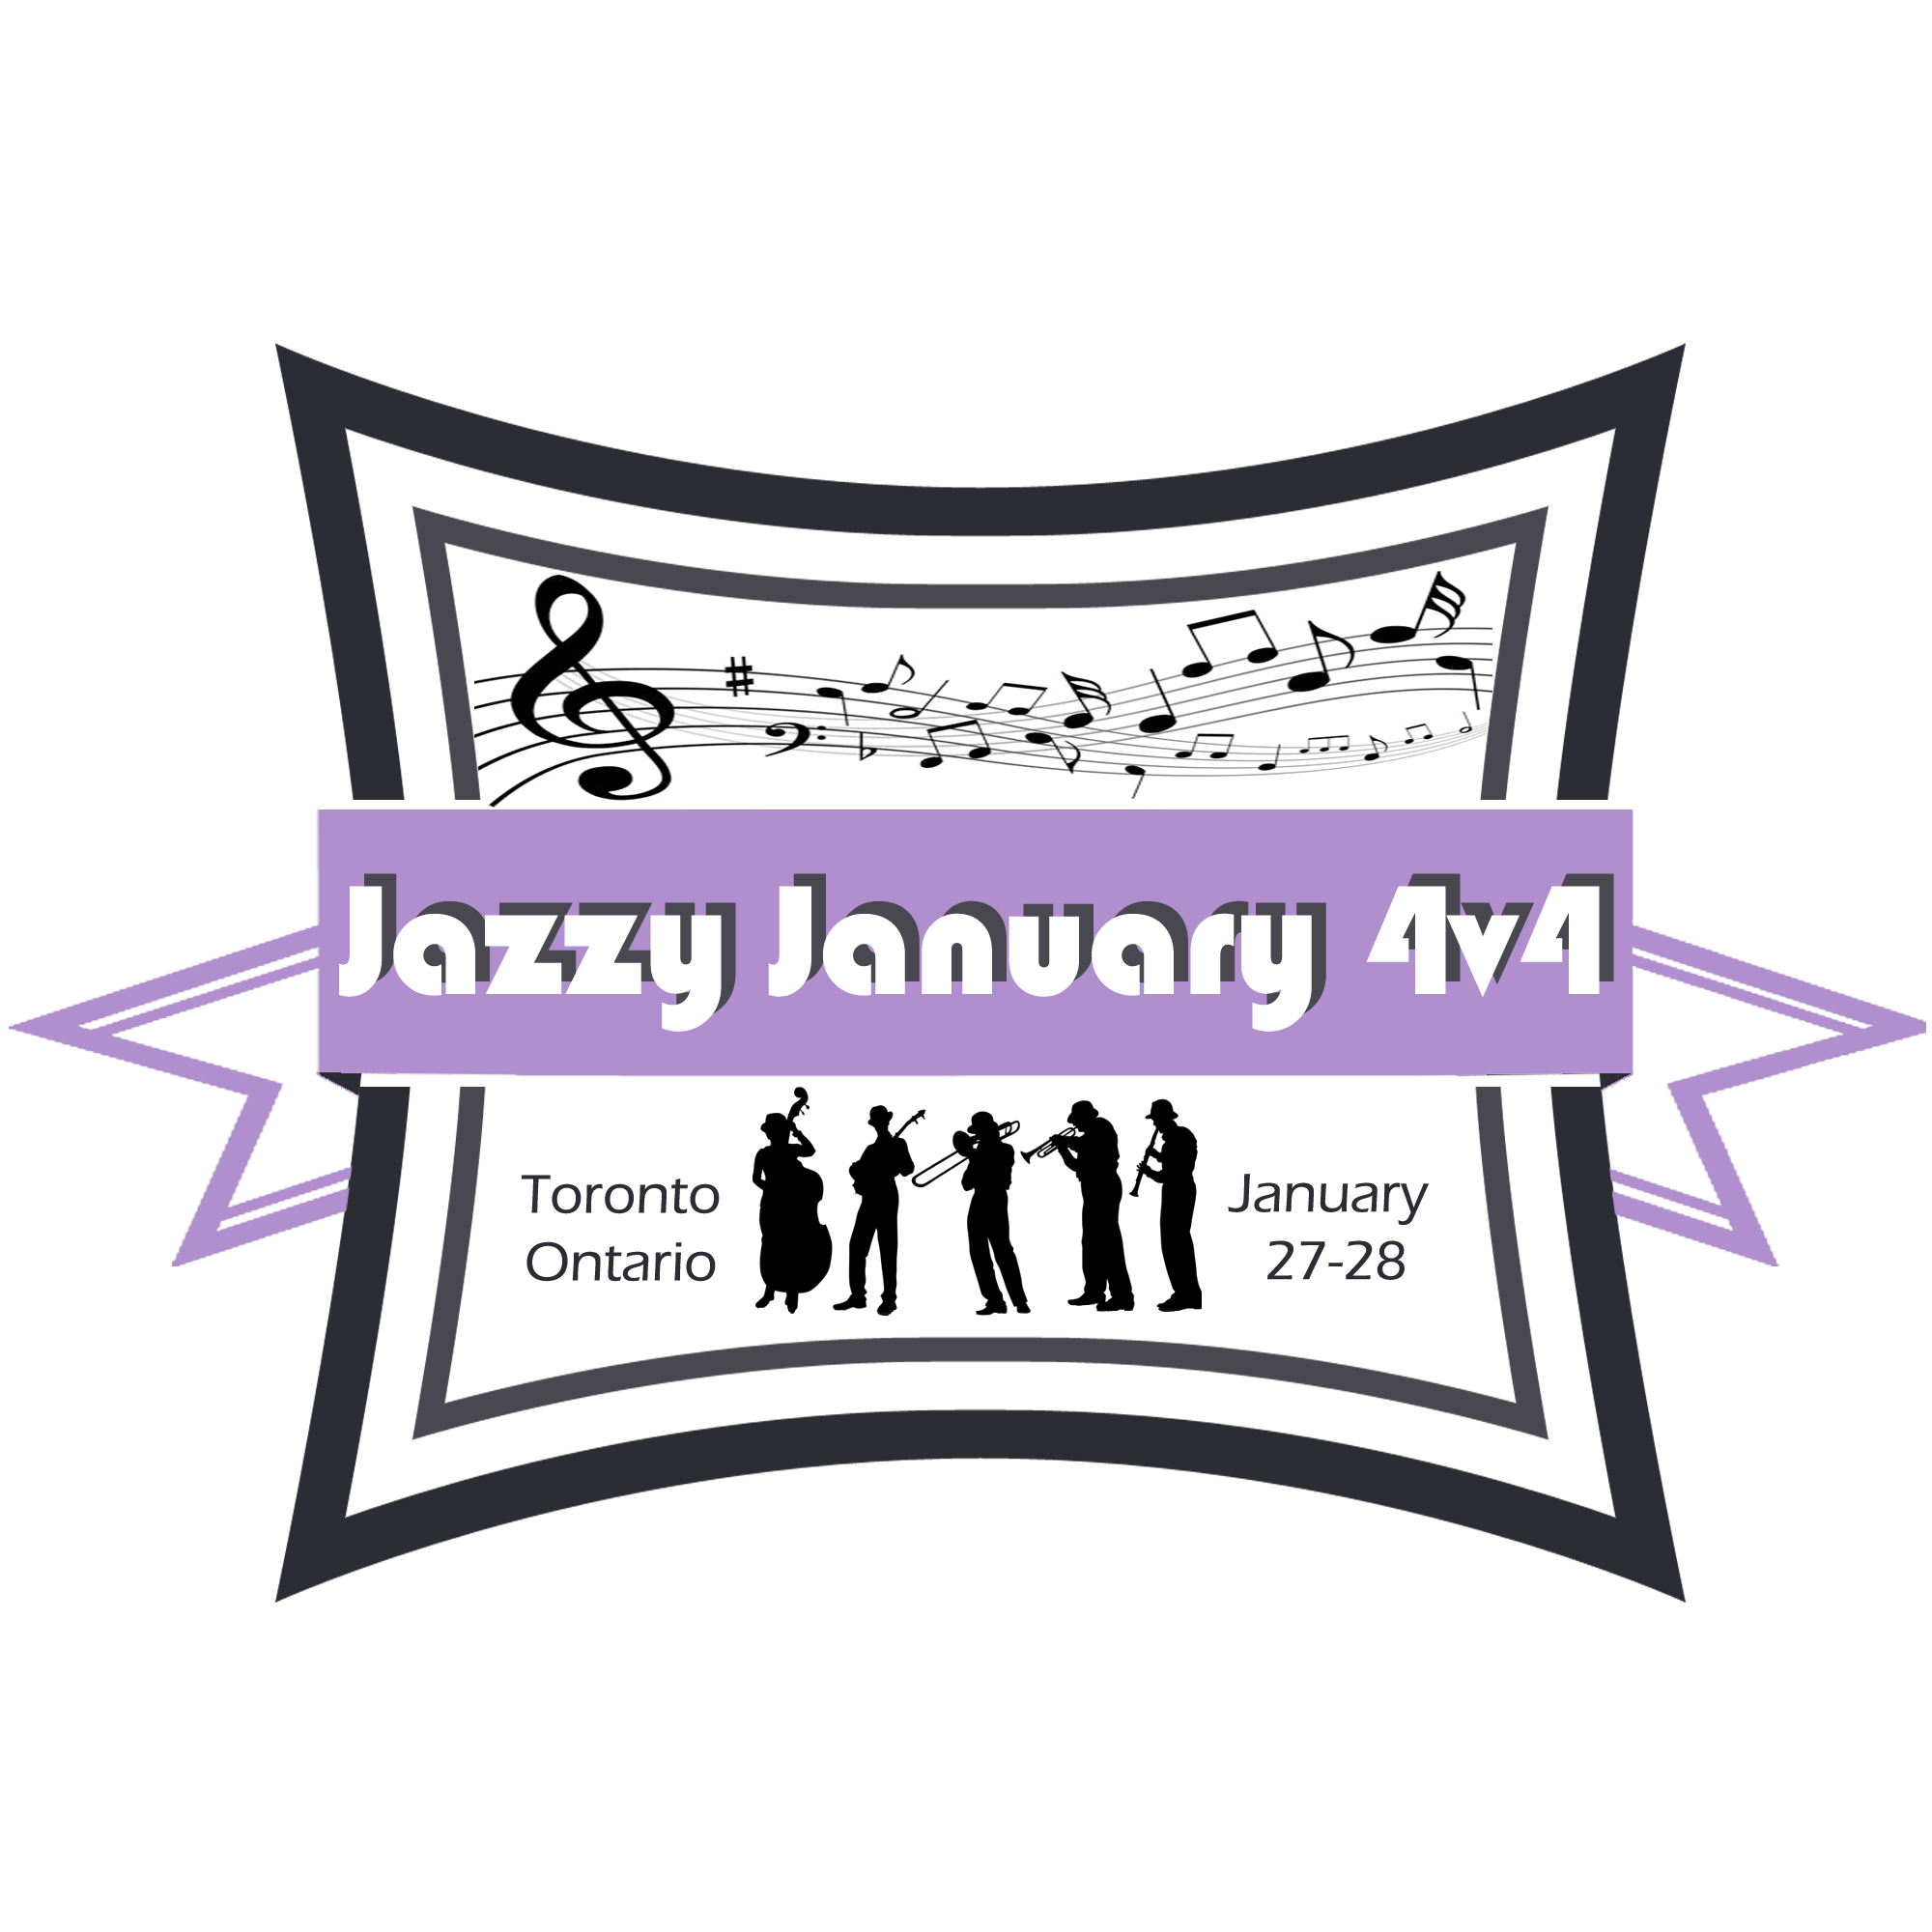 Jazzy January logo. Toronto, ON January 27-28